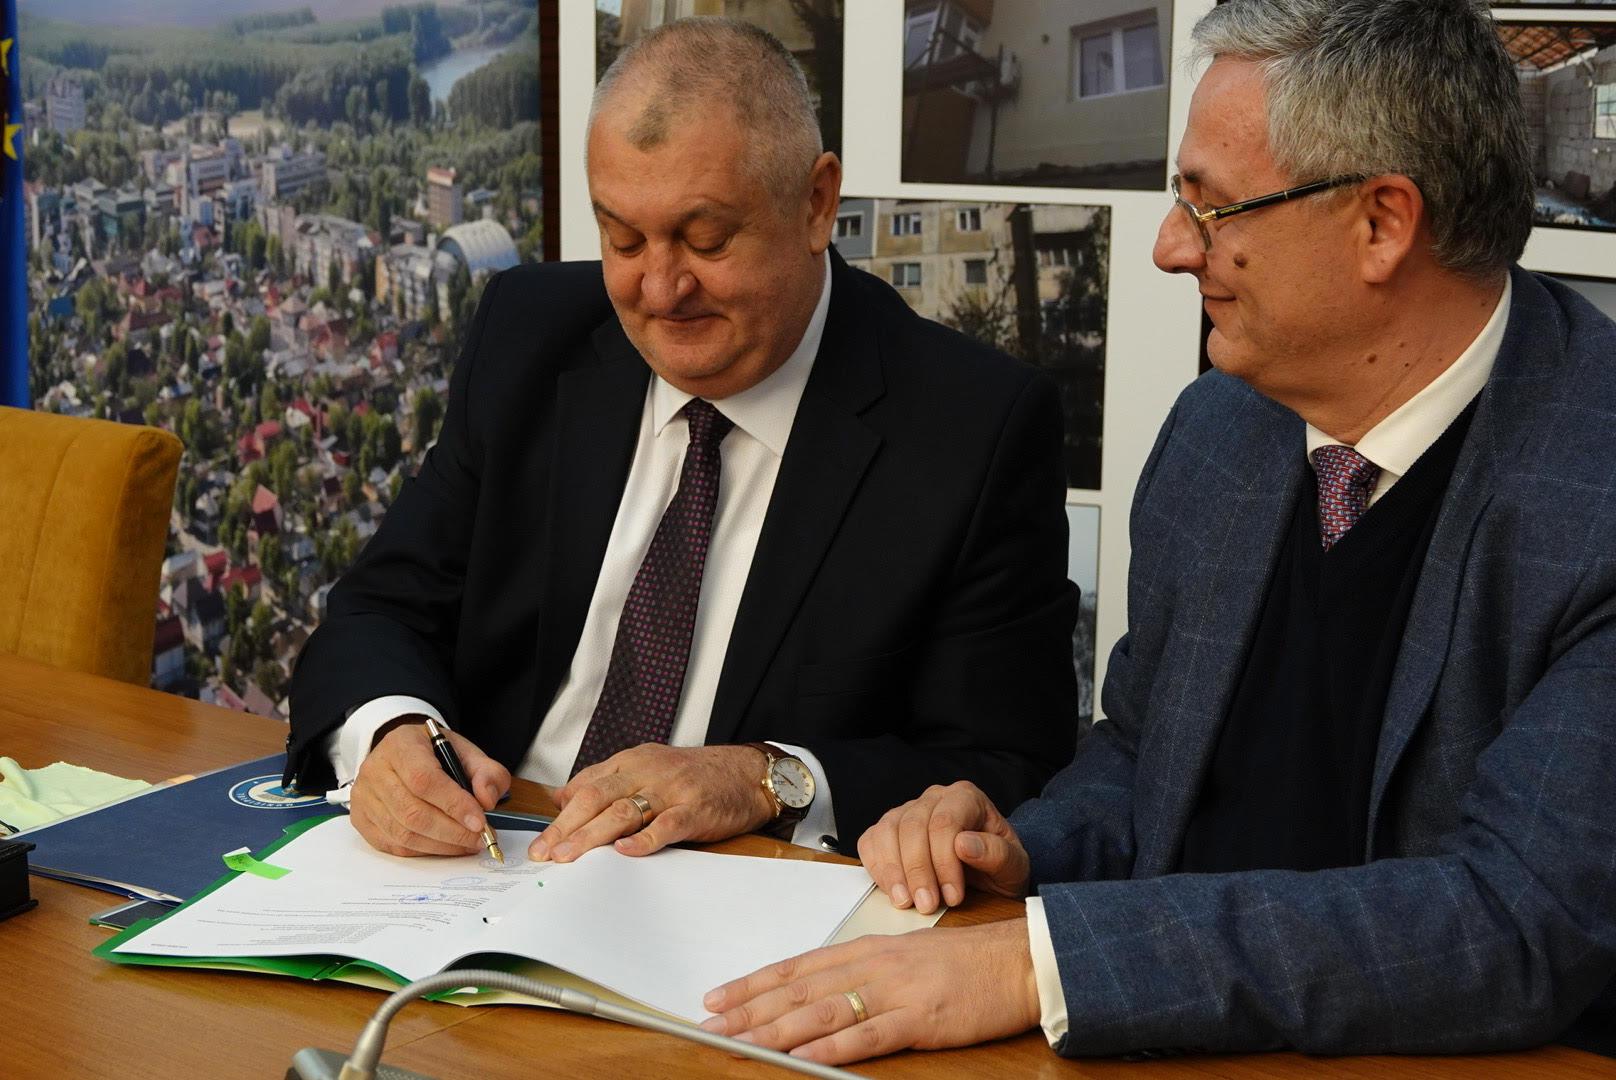 Primăria Călărași a semnat contractul de finanțare europeană a proiectului de modernizare a străzii București